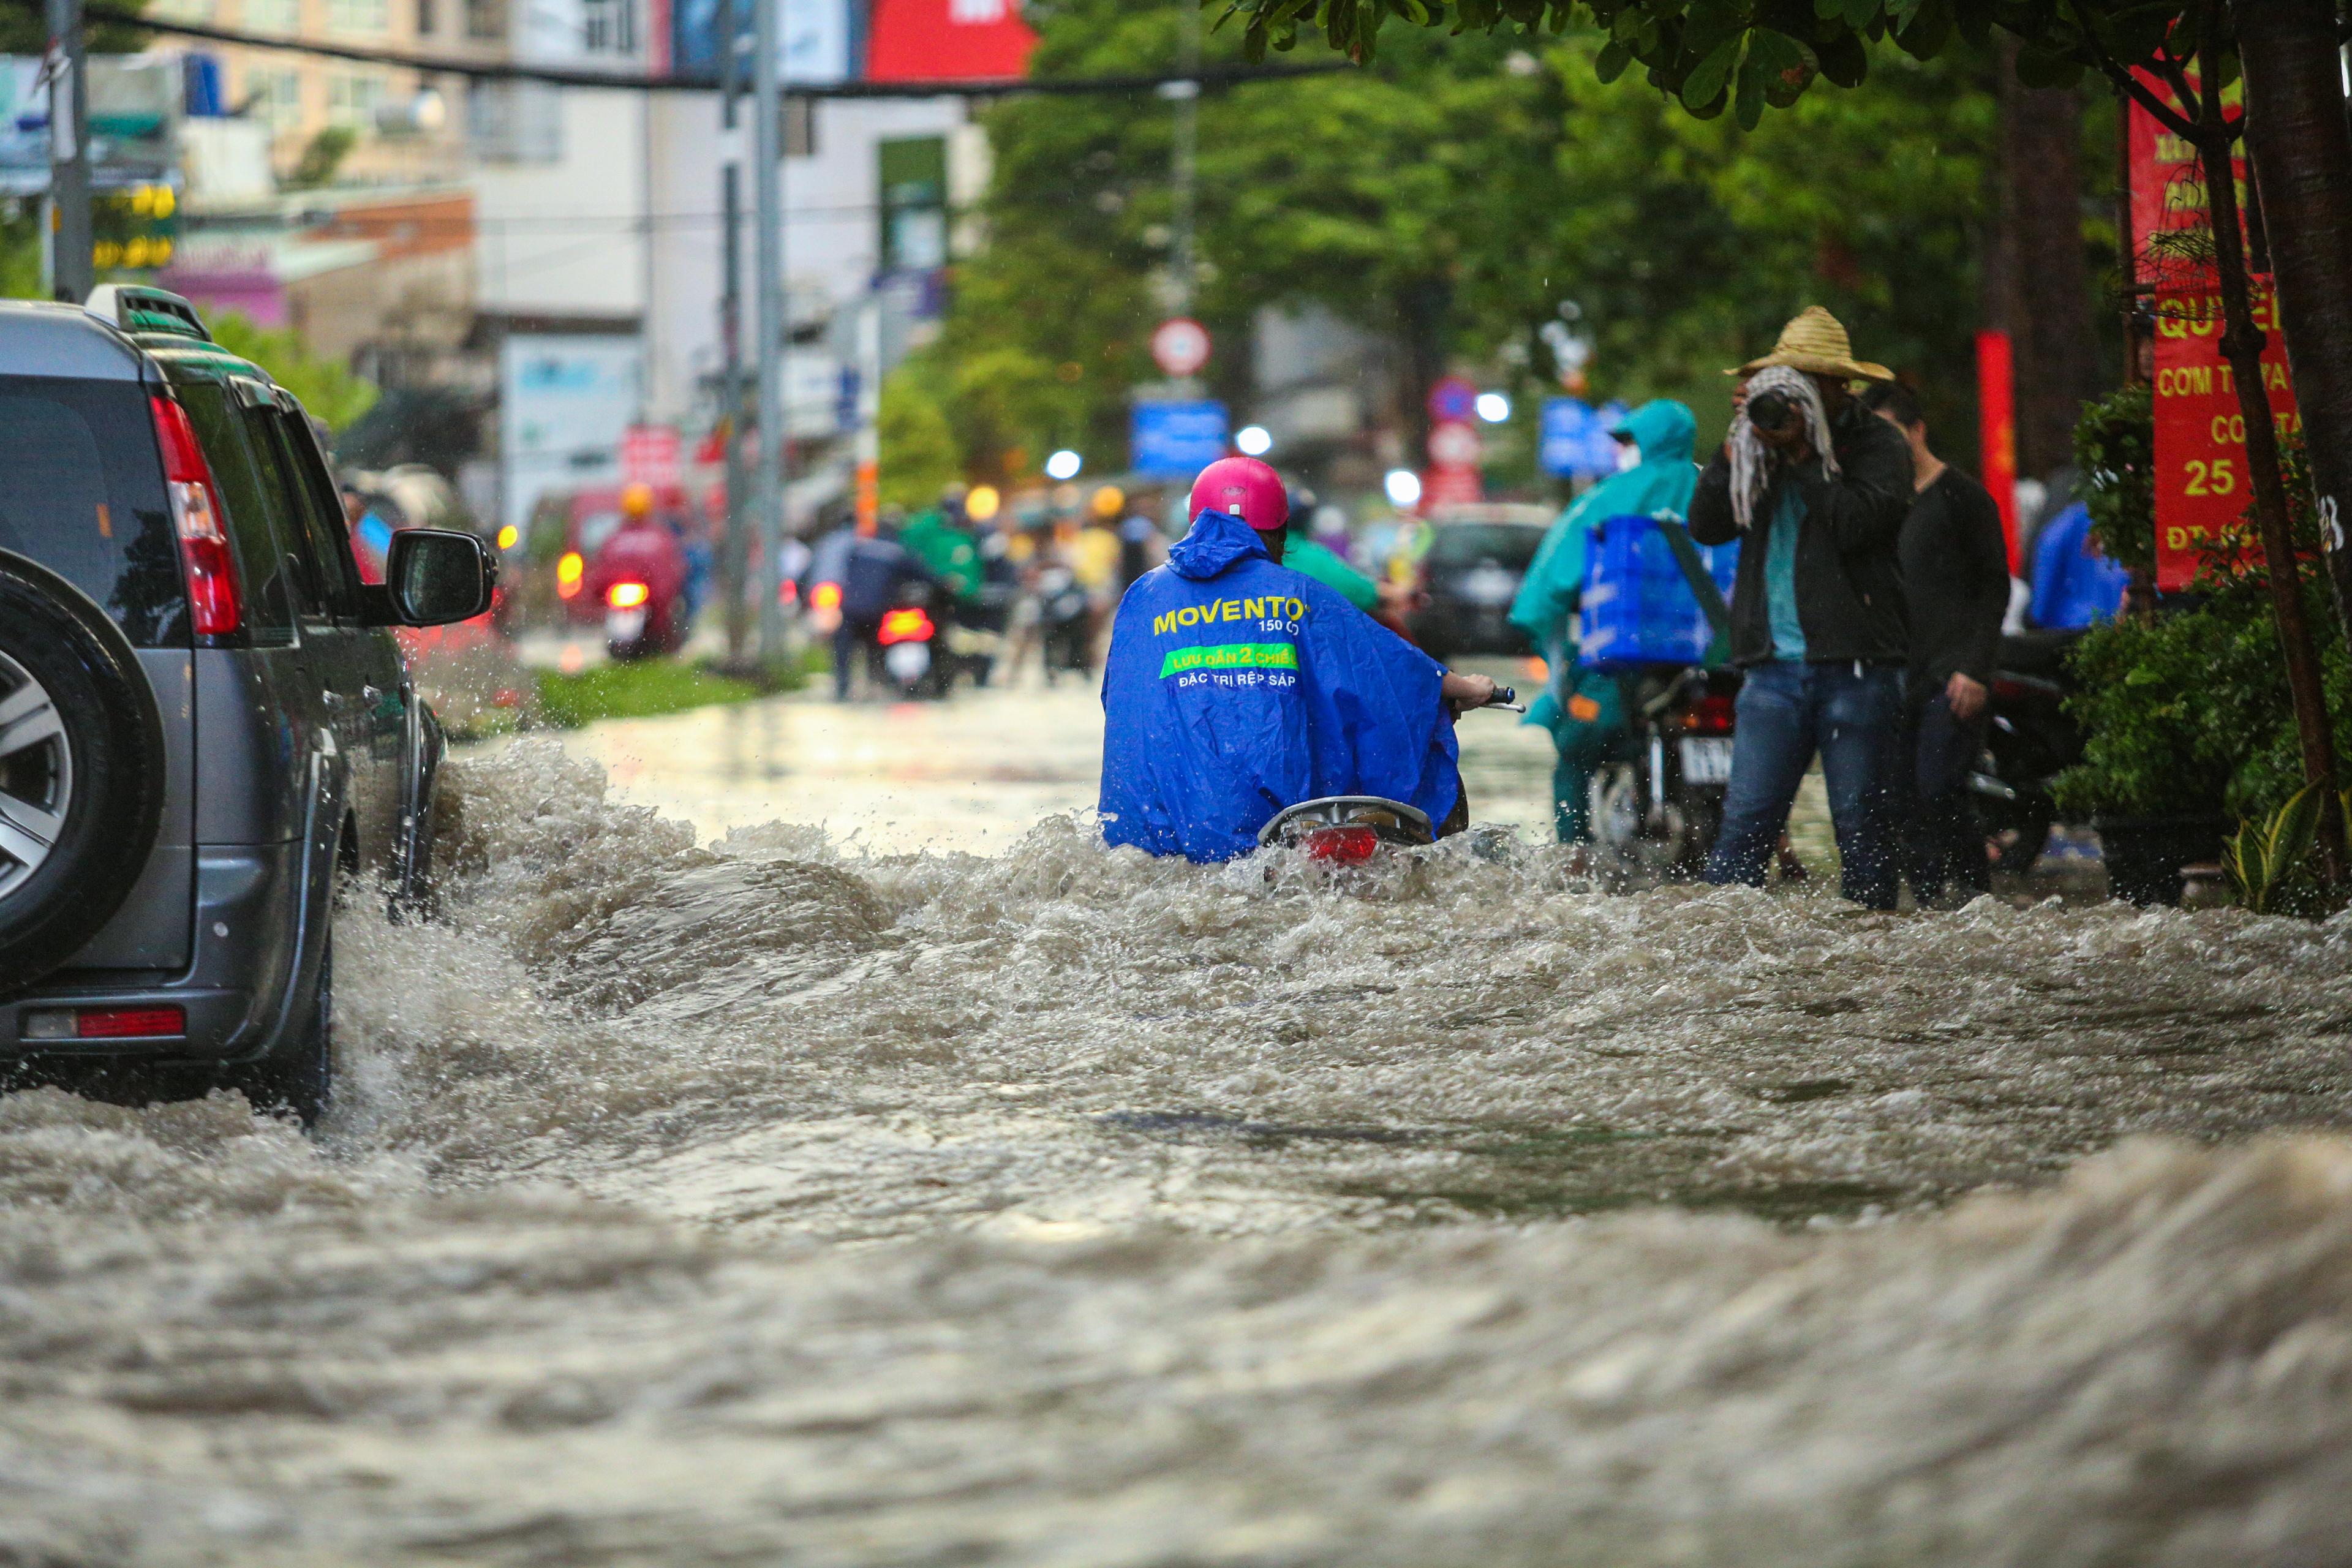 Người Sài Gòn chôn chân trong mưa lớn, ô tô, xe máy không nhúc nhích, giao thông hỗn loạn - Ảnh 2.